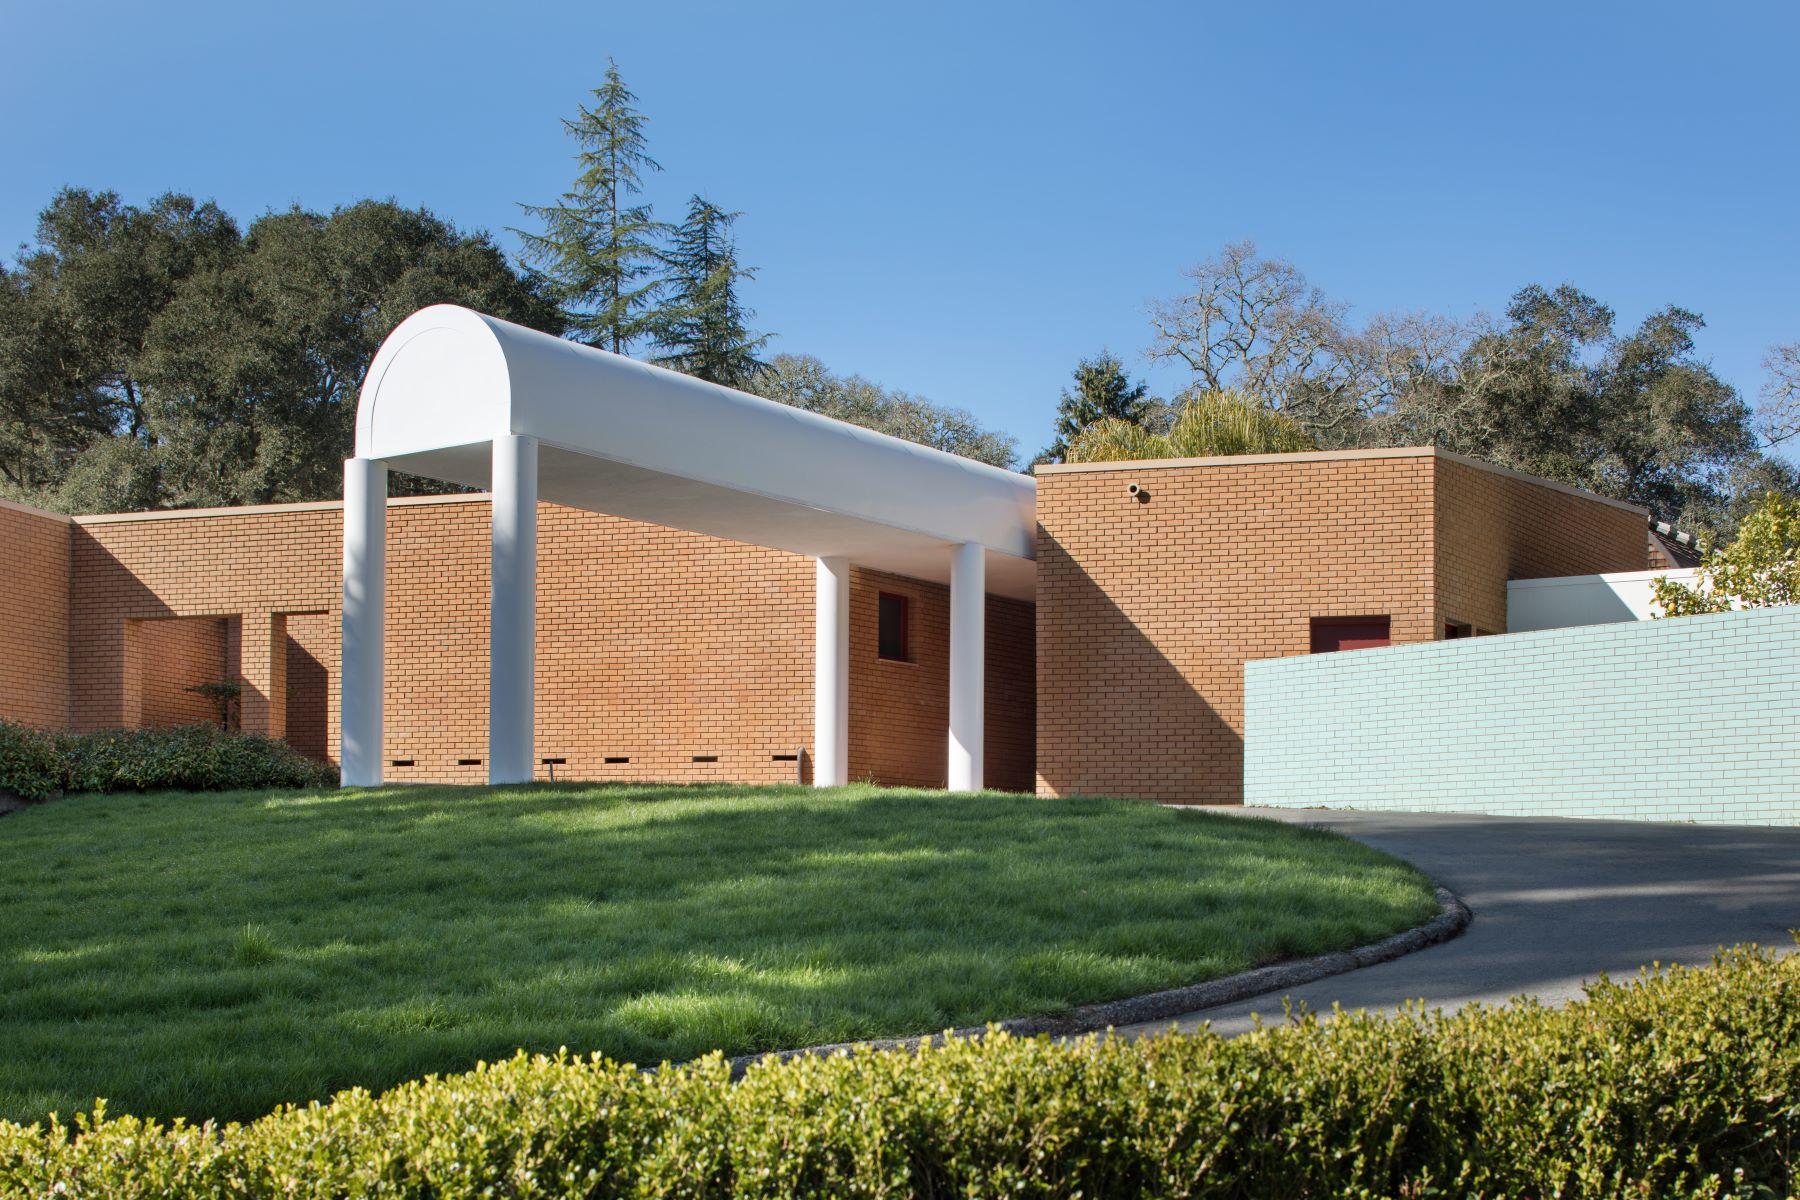 Maison unifamiliale pour l Vente à Post Modern Masterpiece 1250 Canada Road Woodside, Californie 94062 États-Unis